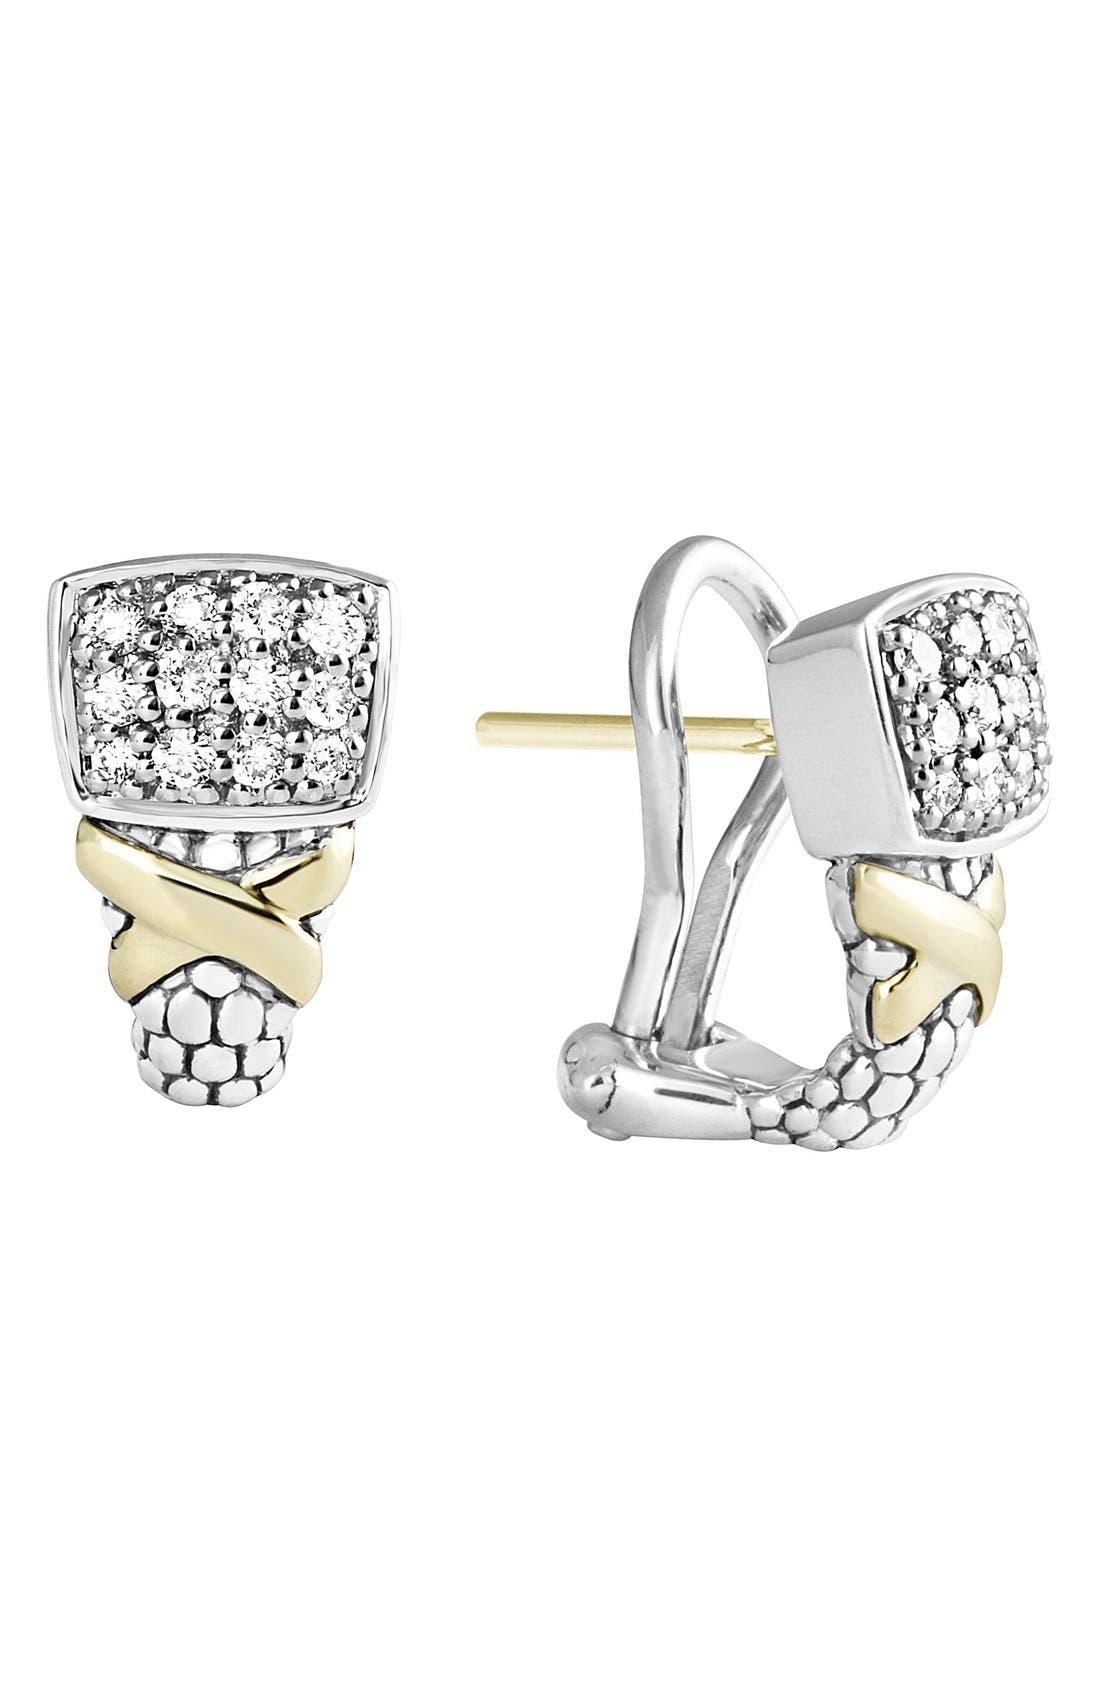 Alternate Image 1 Selected - LAGOS 'Diamond Lux' Diamond Stud Earrings